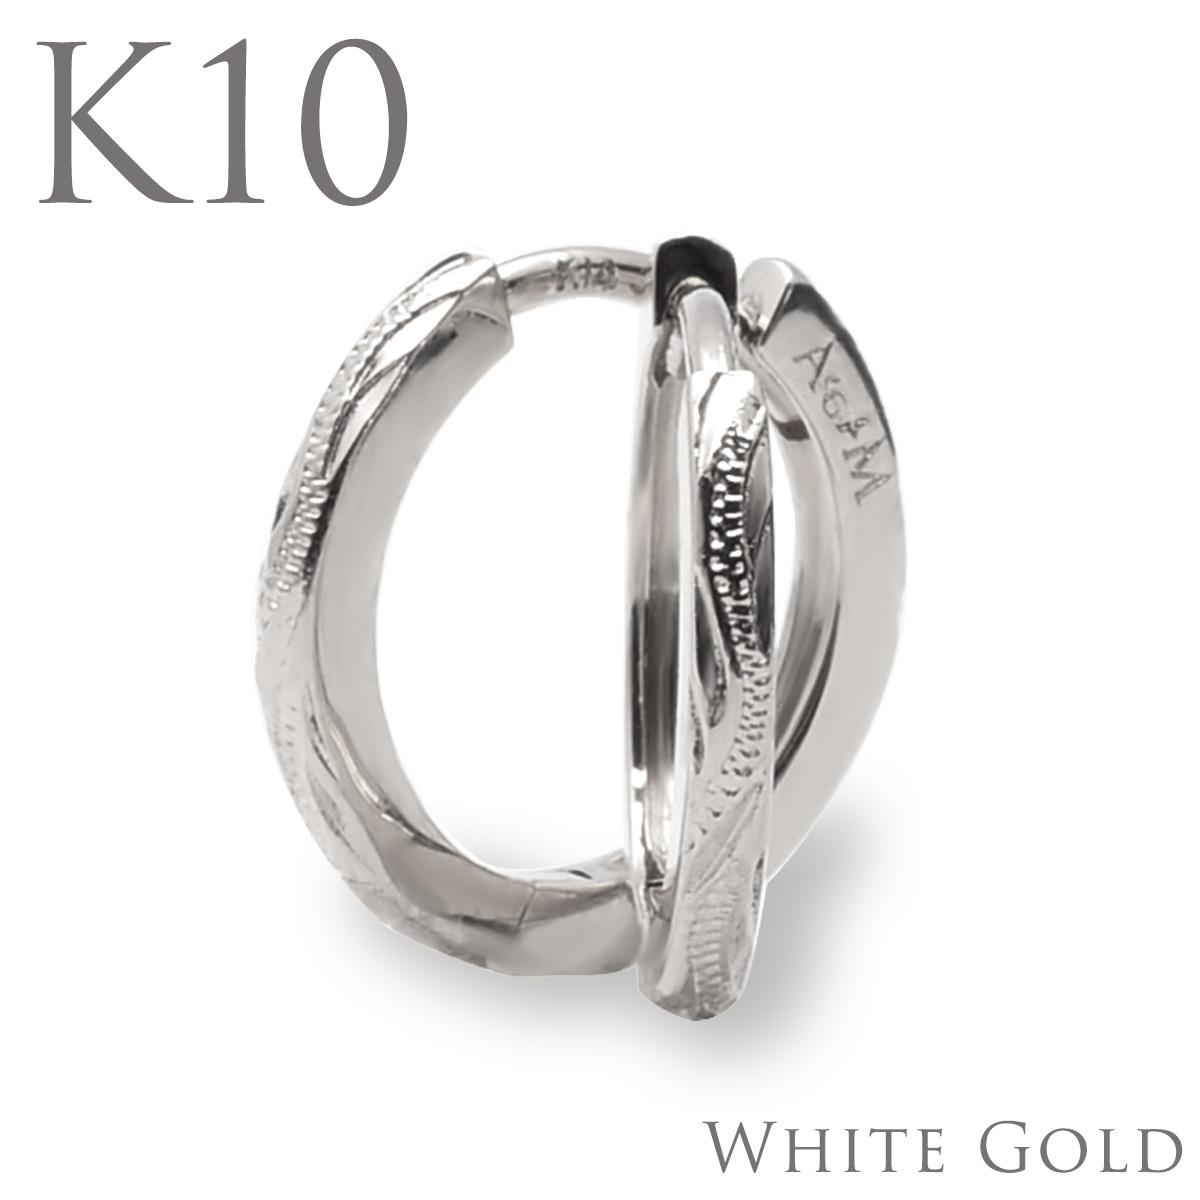 10金 ピアス フープ ピアス ハワイアンジュエリーアクセサリー スクロール・フープピアス (K10/ 10金 ホワイトゴールド)aer1082gap